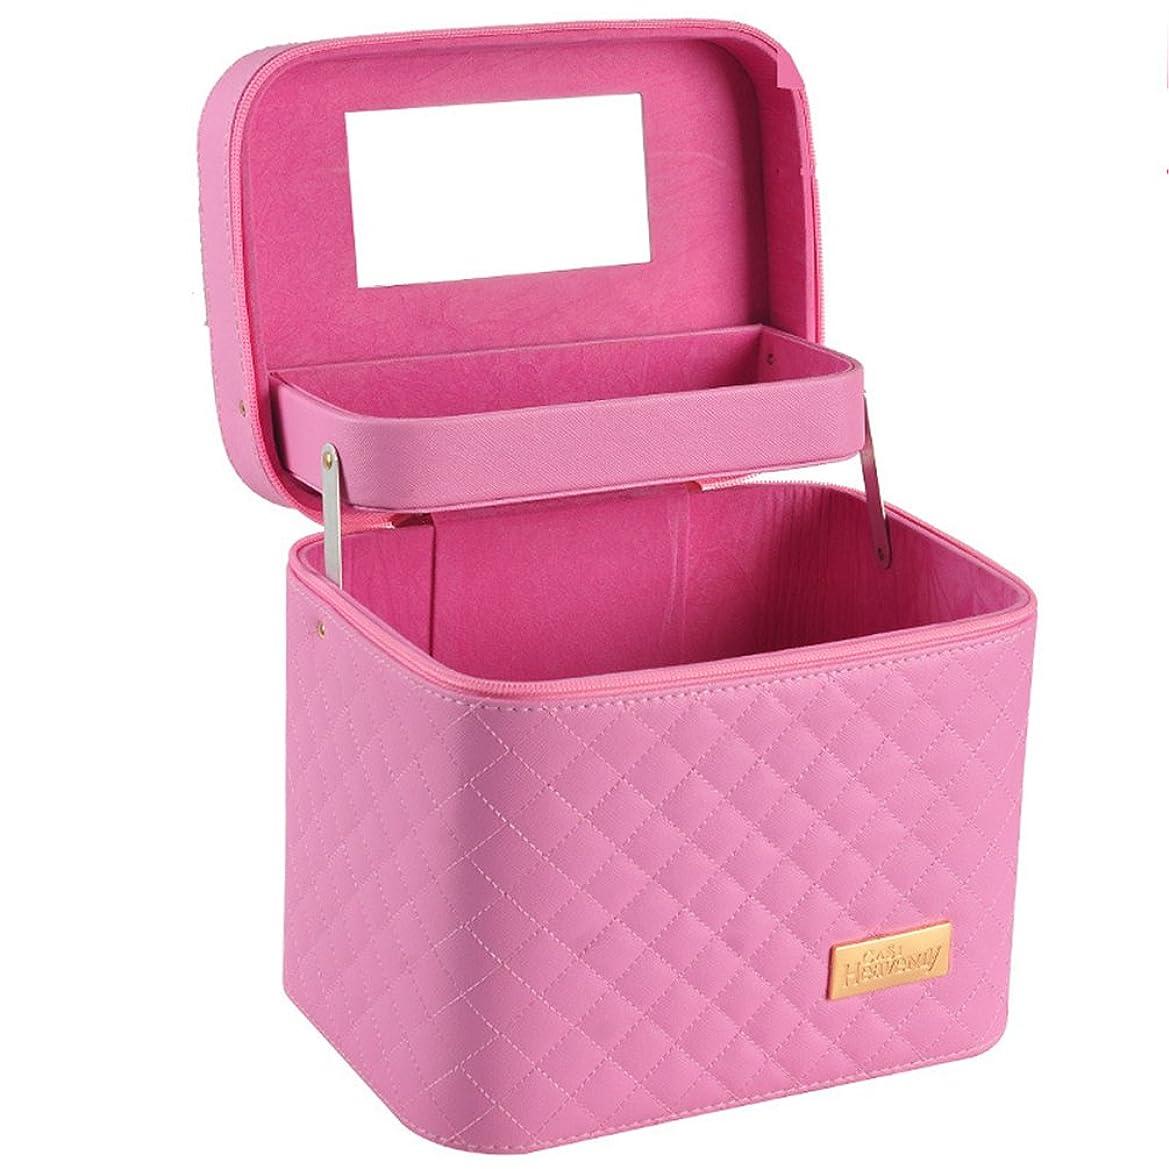 ライター家畜雄大なメイクボックス コスメボックス コスメBOX 大容量 収納ボックス 二層 2段タイプ 化粧ポーチ メイクポーチ 携帯便利 女性用 女の子 ミラー付き 化粧品 取っ手付き おしゃれ 鏡付き 機能的 防水 化粧箱